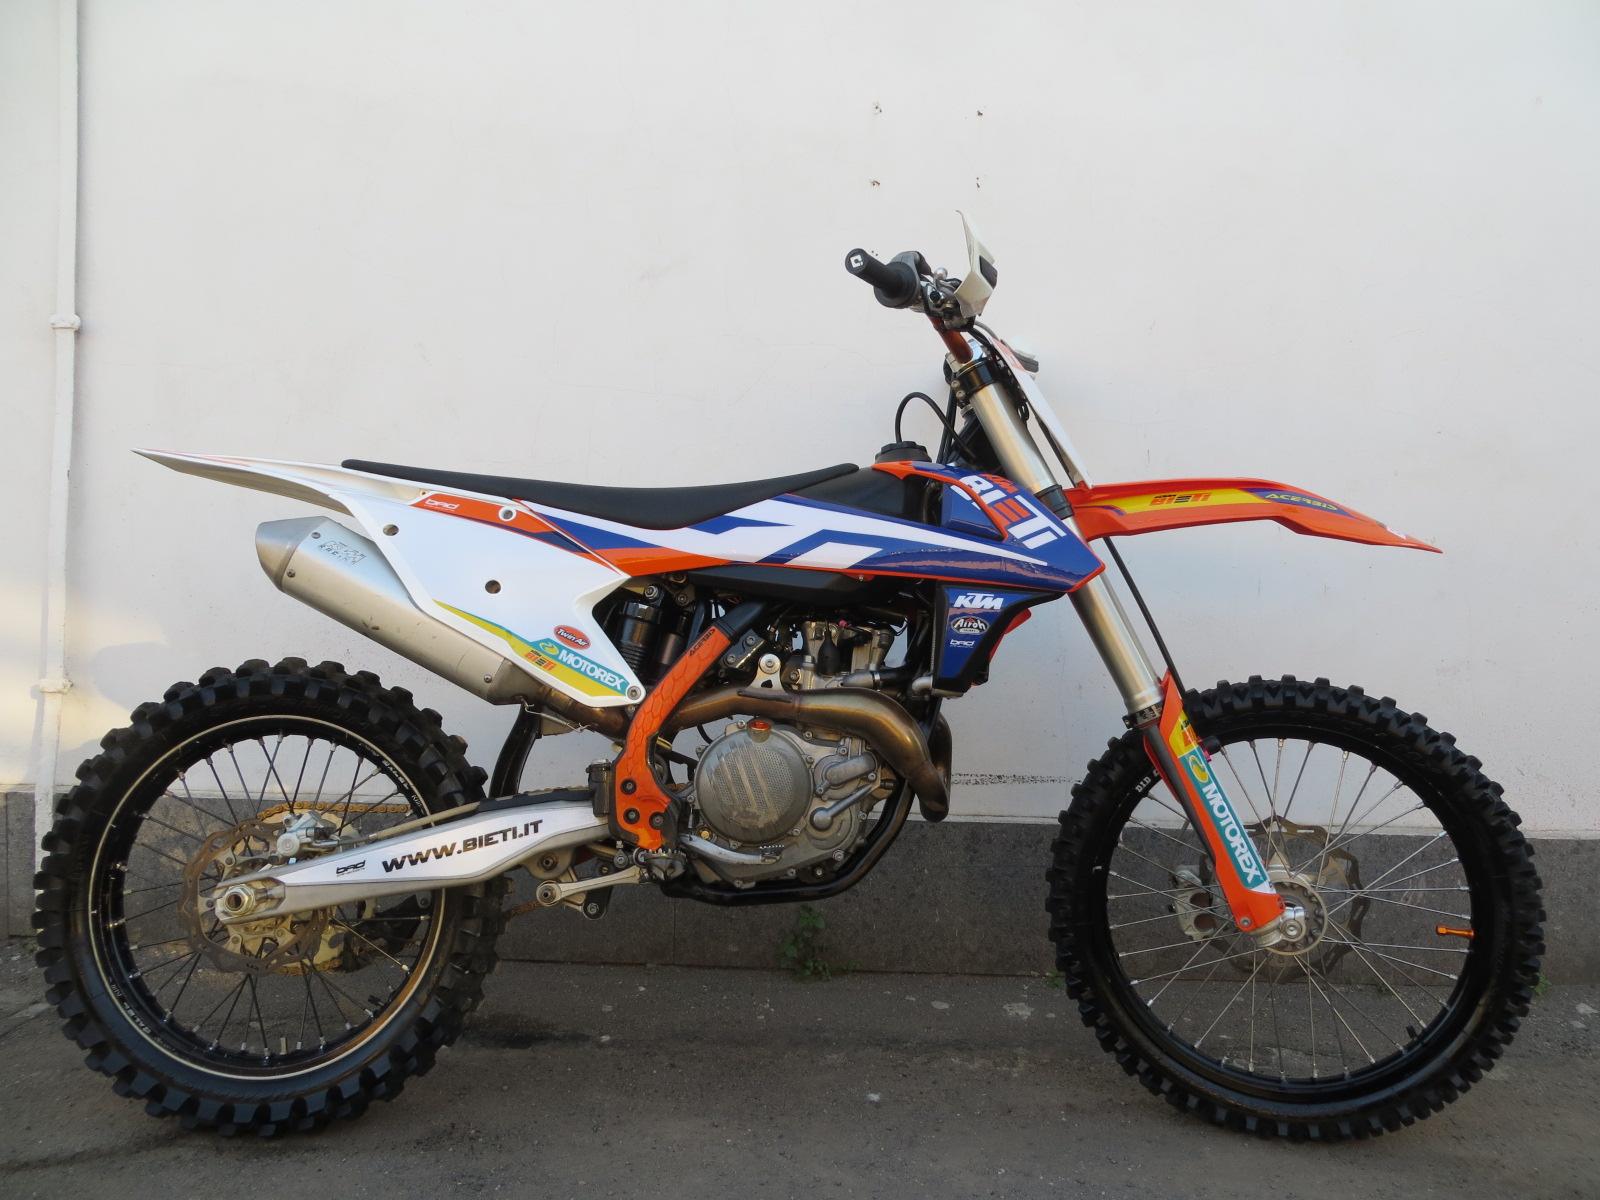 Ktm Ktm 450 SX-F cross